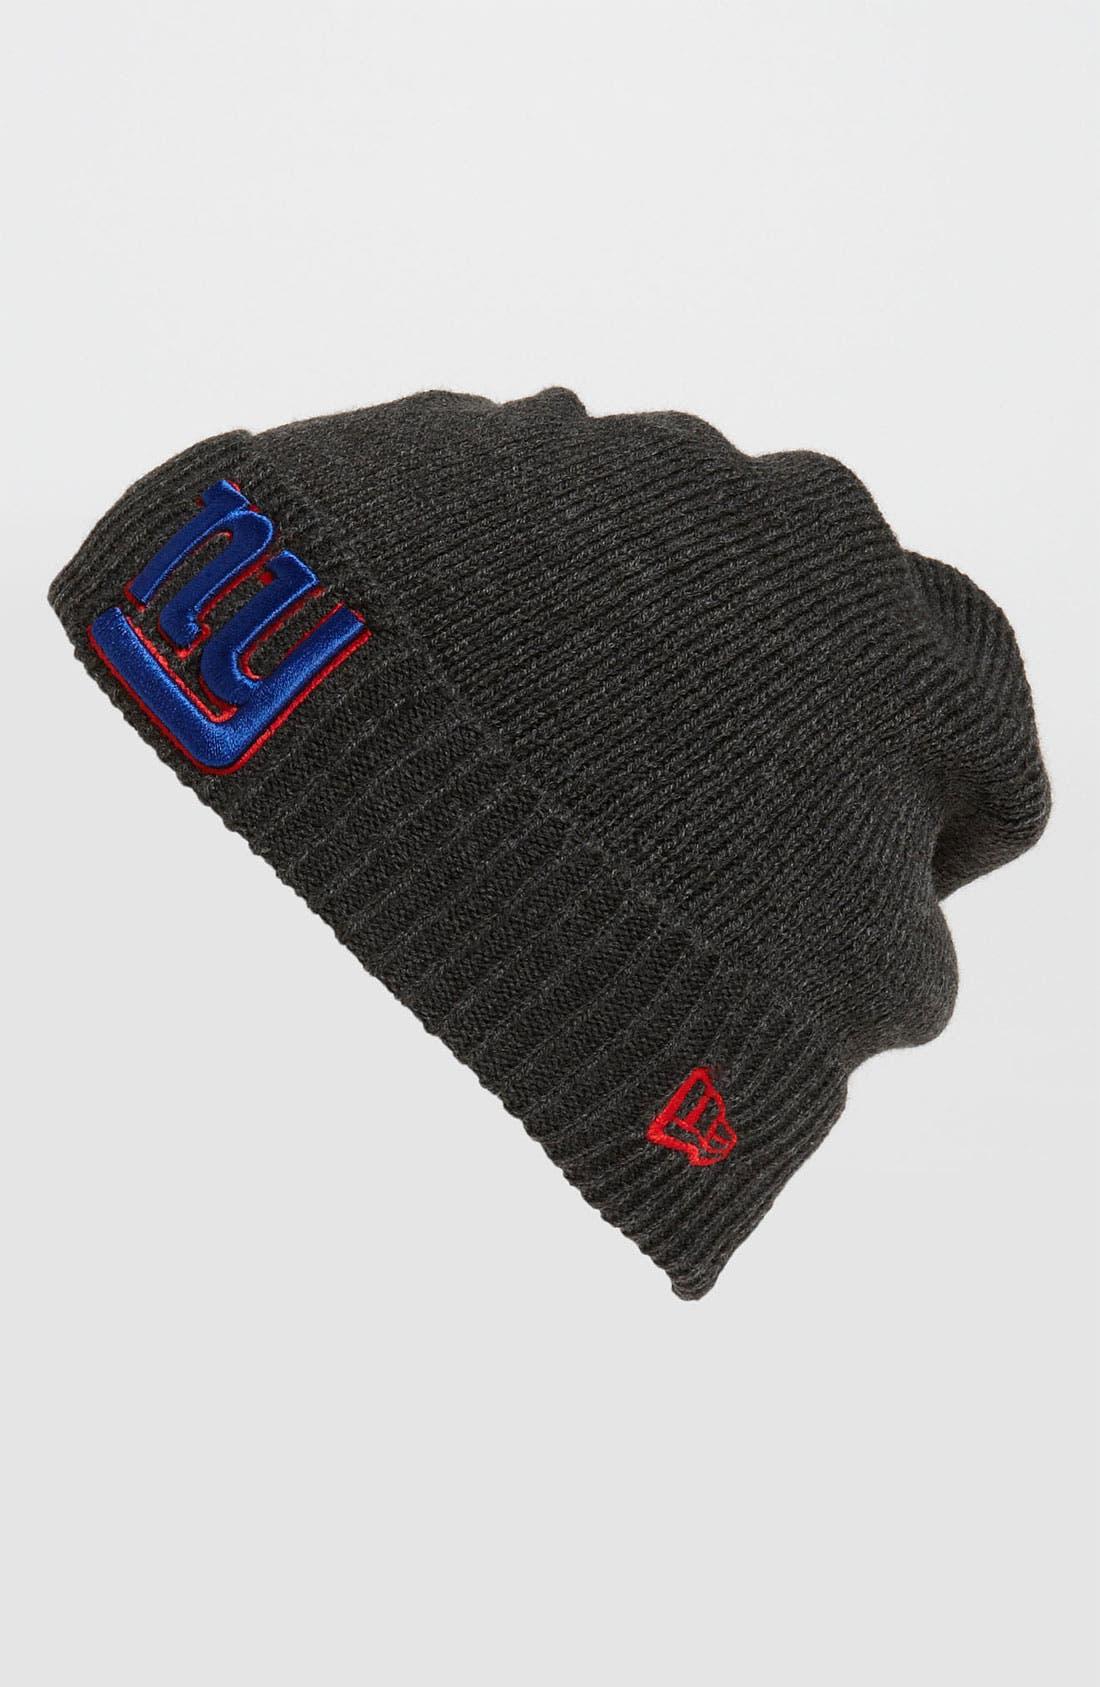 Main Image - New Era Cap 'New York Giants' Thermal Beanie